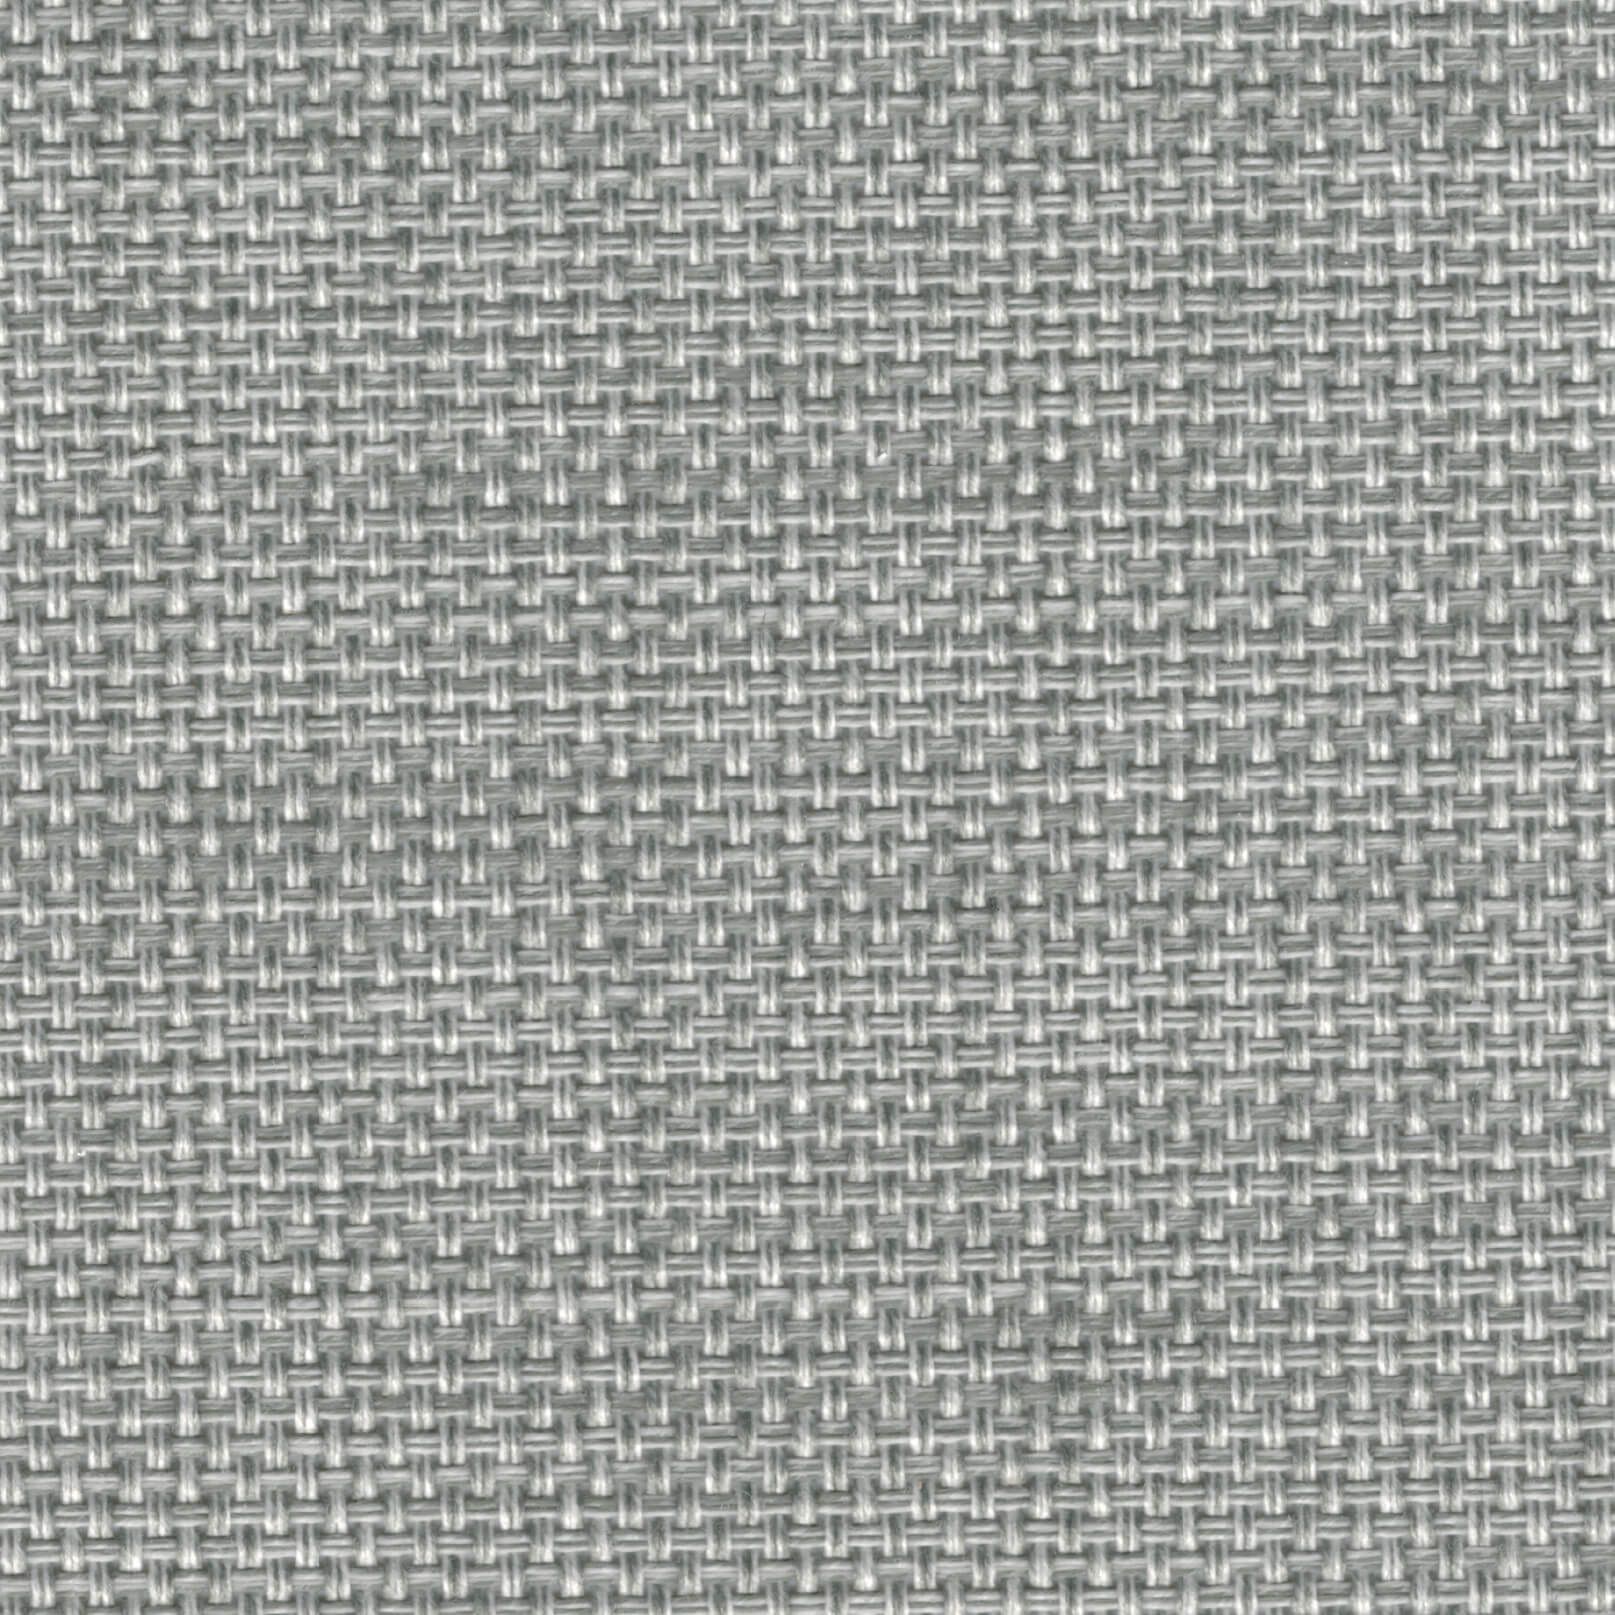 پرده اسکرین با سبک مدرن | جنس پلی استر . پی وی سی | کد VSC15 | گروه وراتی